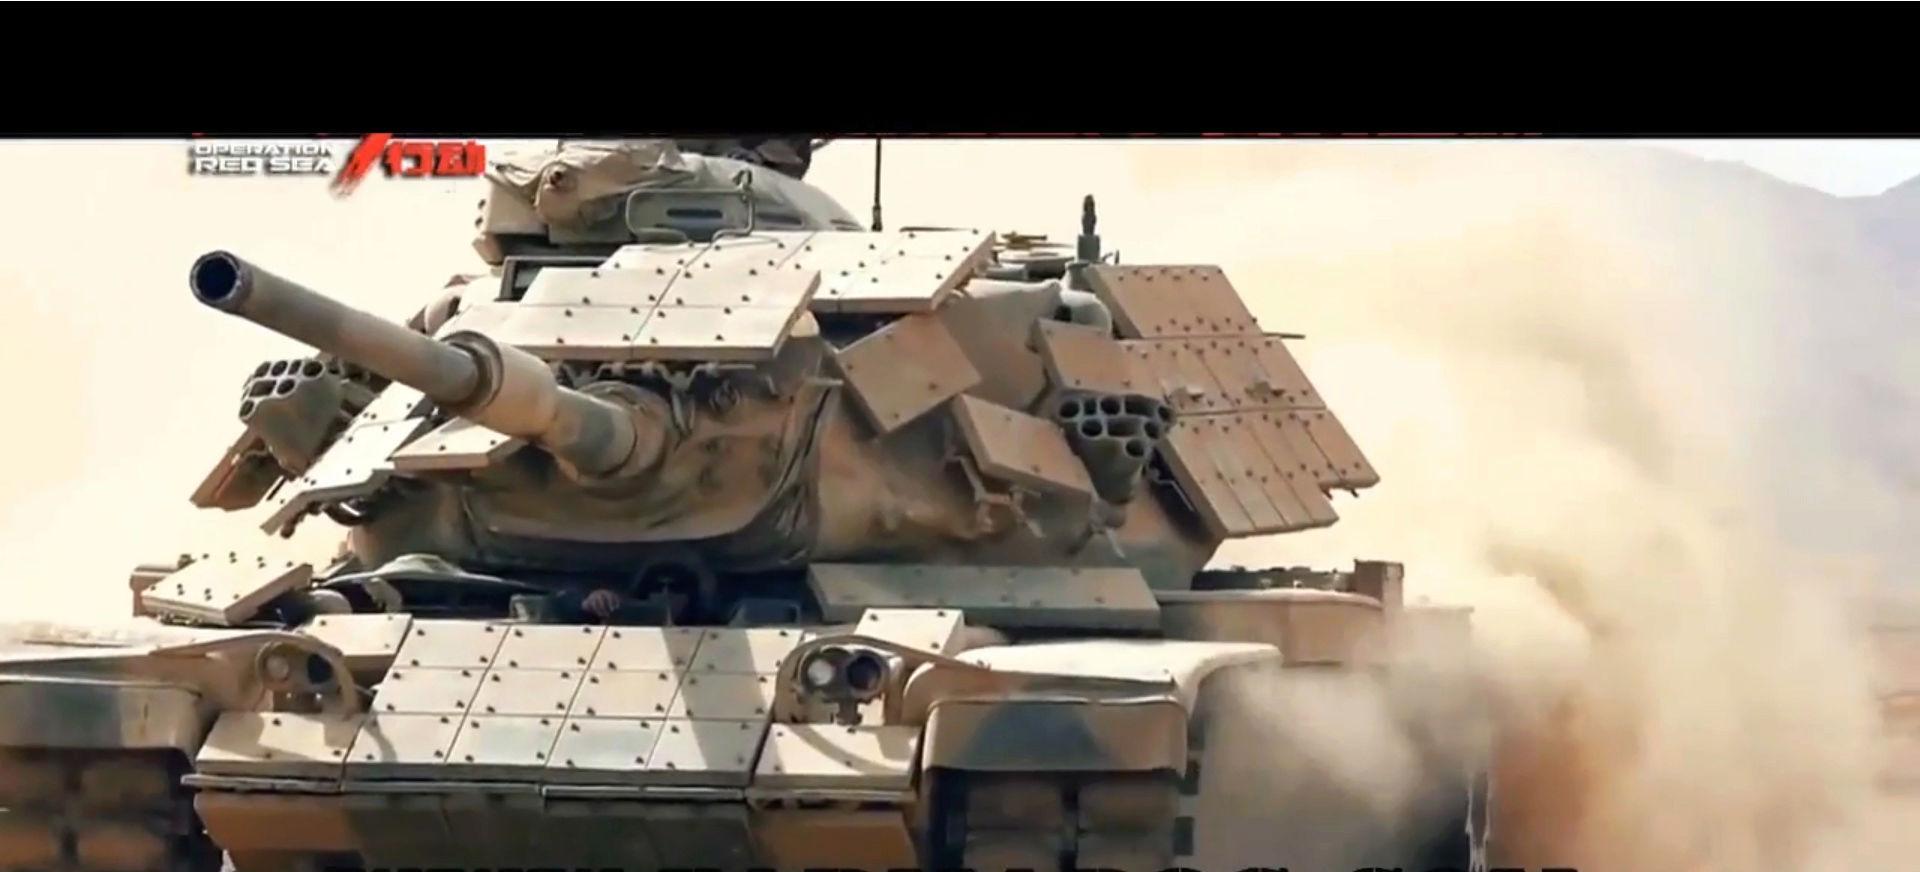 Photos - Chars de Combat / MBTs - Page 3 Receiv41